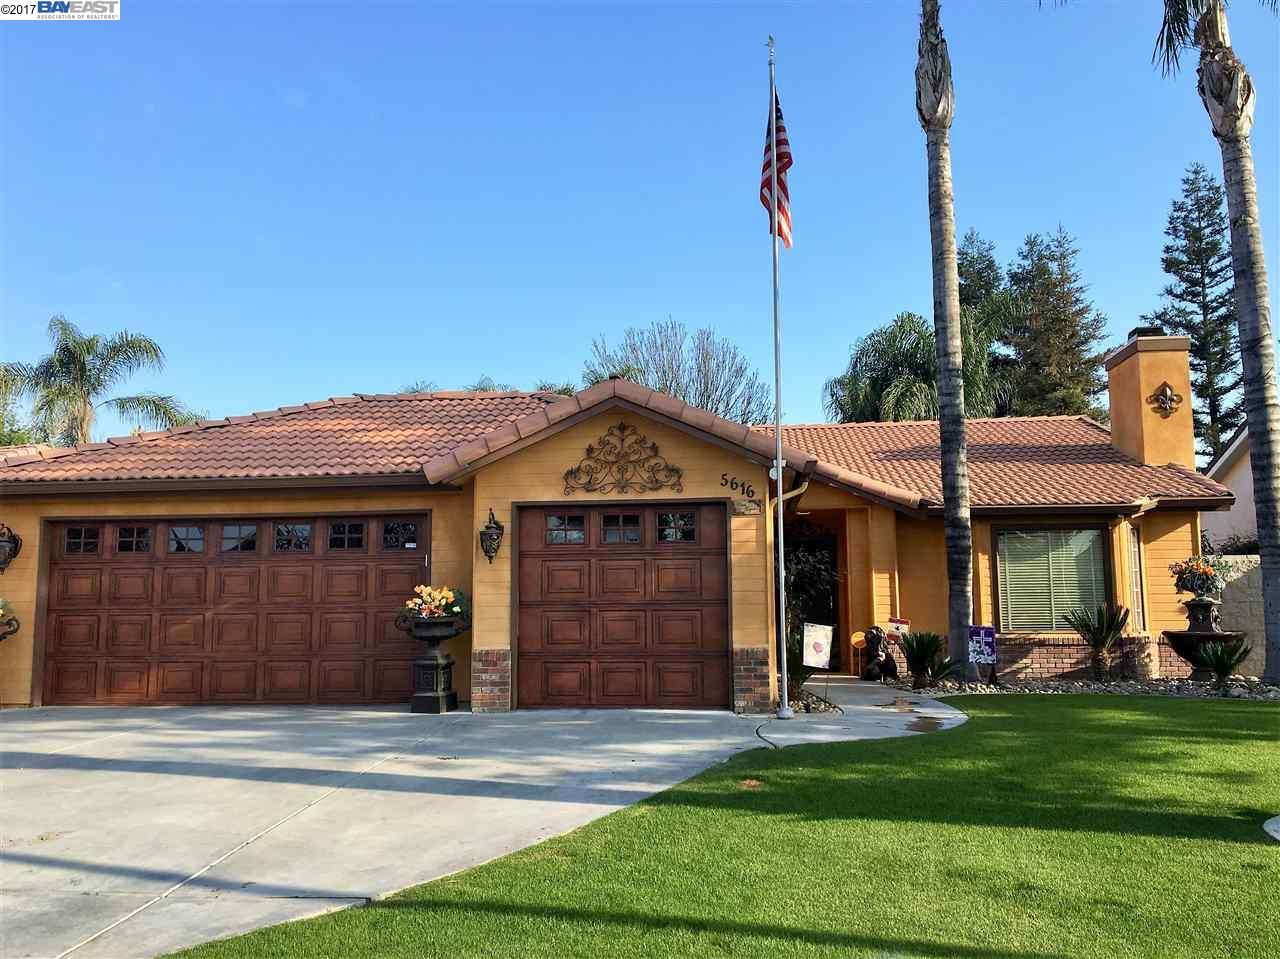 獨棟家庭住宅 為 出售 在 5616 Spring Blossom Bakersfield, 加利福尼亞州 93313 美國